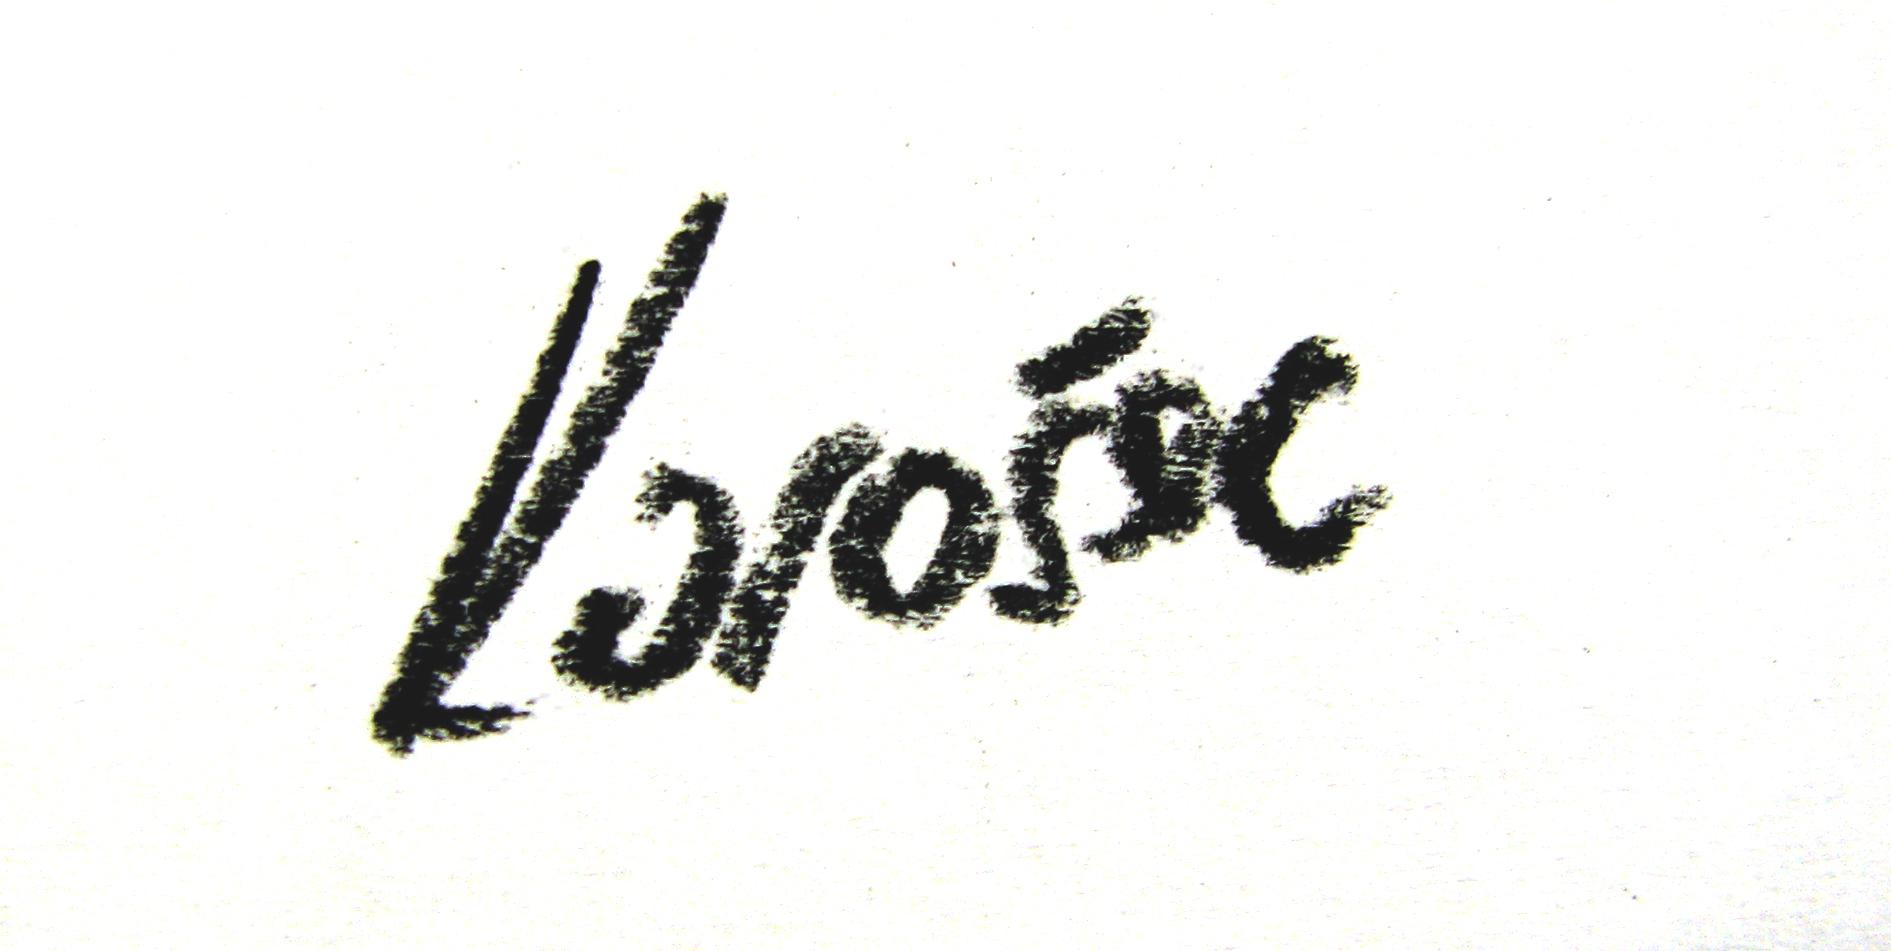 Danijel Korosec Signature